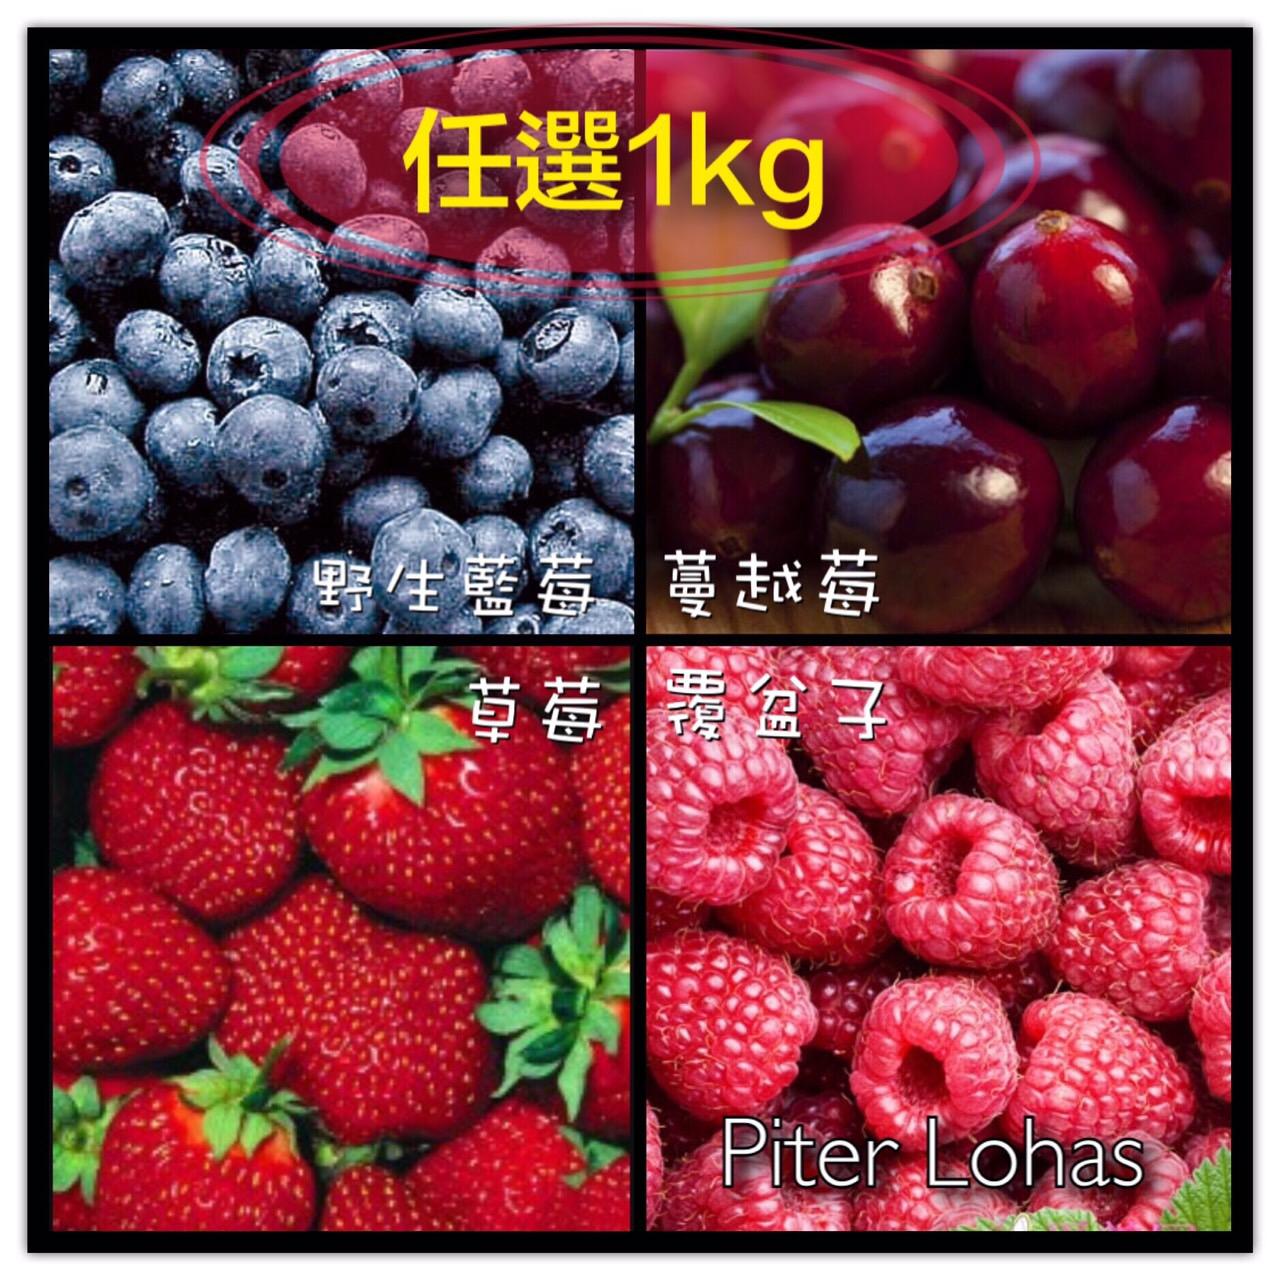 免運費!任選1公斤I.Q.F.急速冷凍莓果系列,[特選頂級蔓越莓/覆盆子/草莓/野生藍莓/森林綜合莓果(前四種混和)]